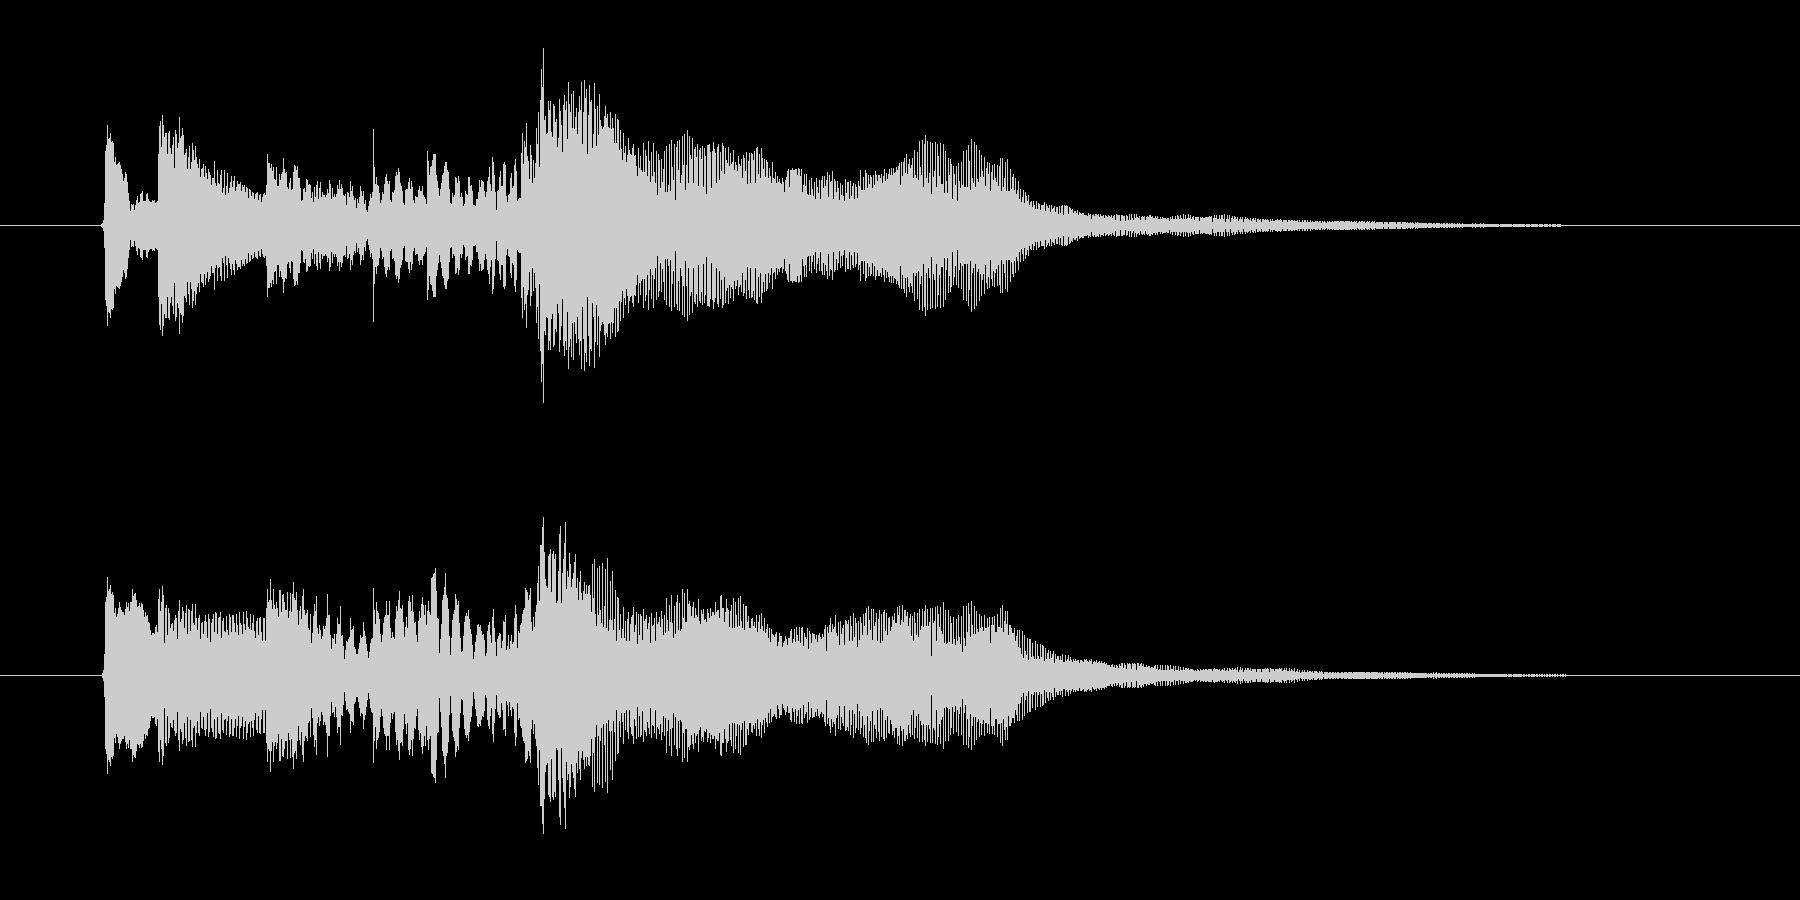 幻想的で落ち着いたリラクゼーション音楽の未再生の波形